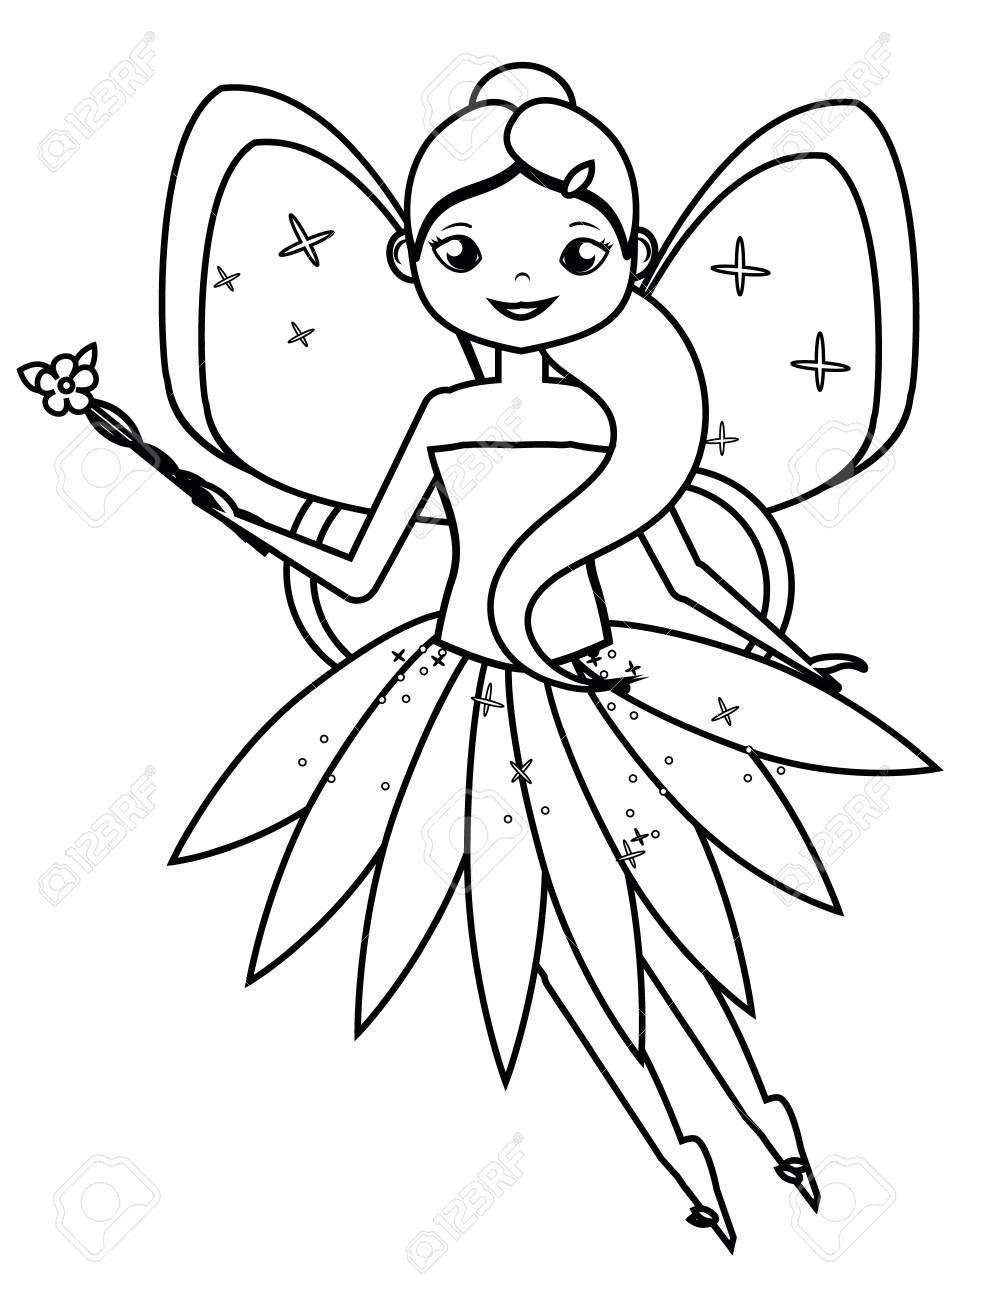 Página Para Colorear Con Linda Hada Voladora Con Varita Mágica De Flor Colorea La Imagen Juego Educativo Para Niños Dibujo De Actividad Infantil